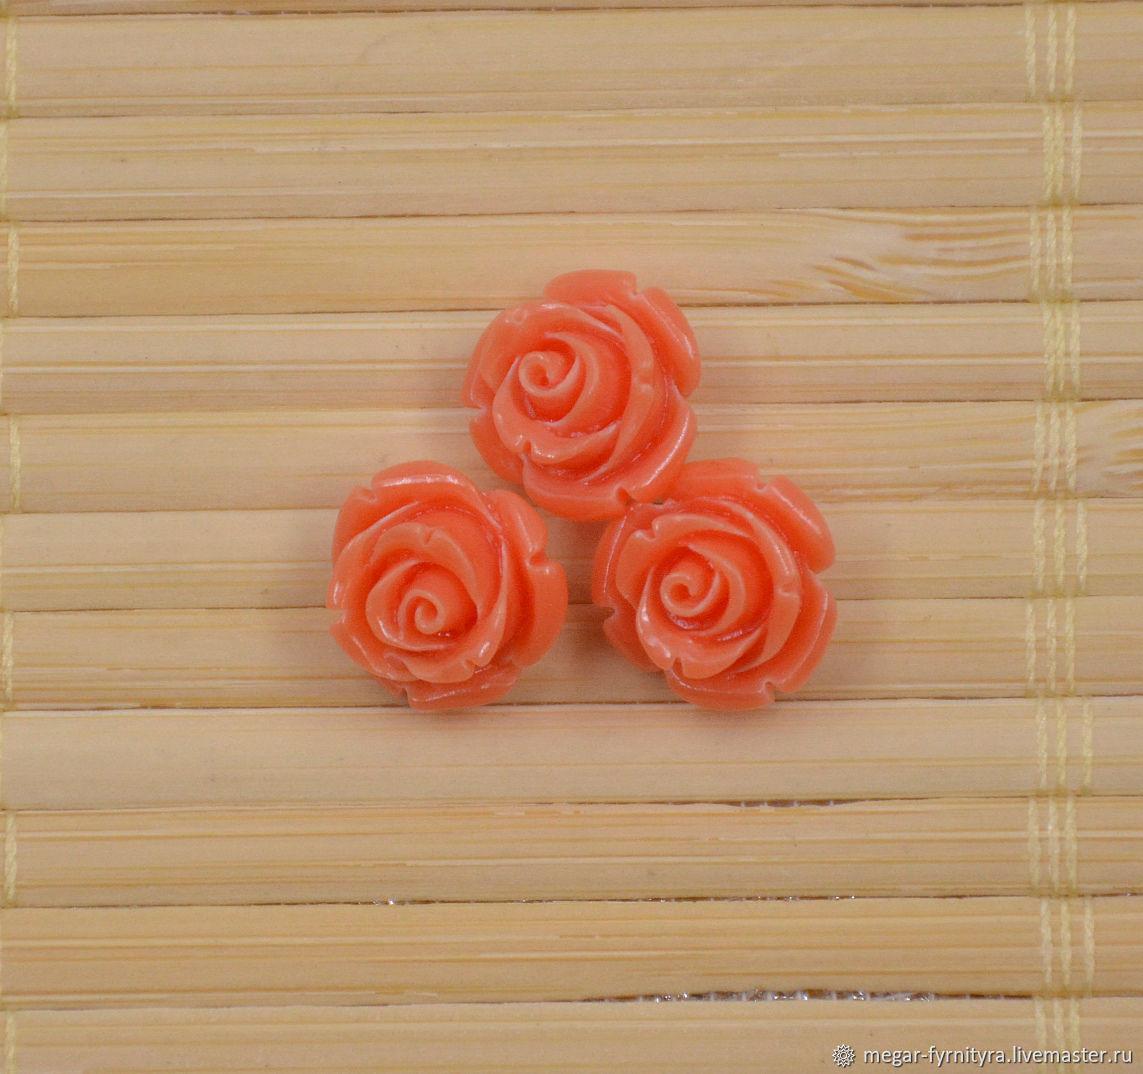 Резная роза 12 мм Оранжевая, Бусины, Колпино,  Фото №1